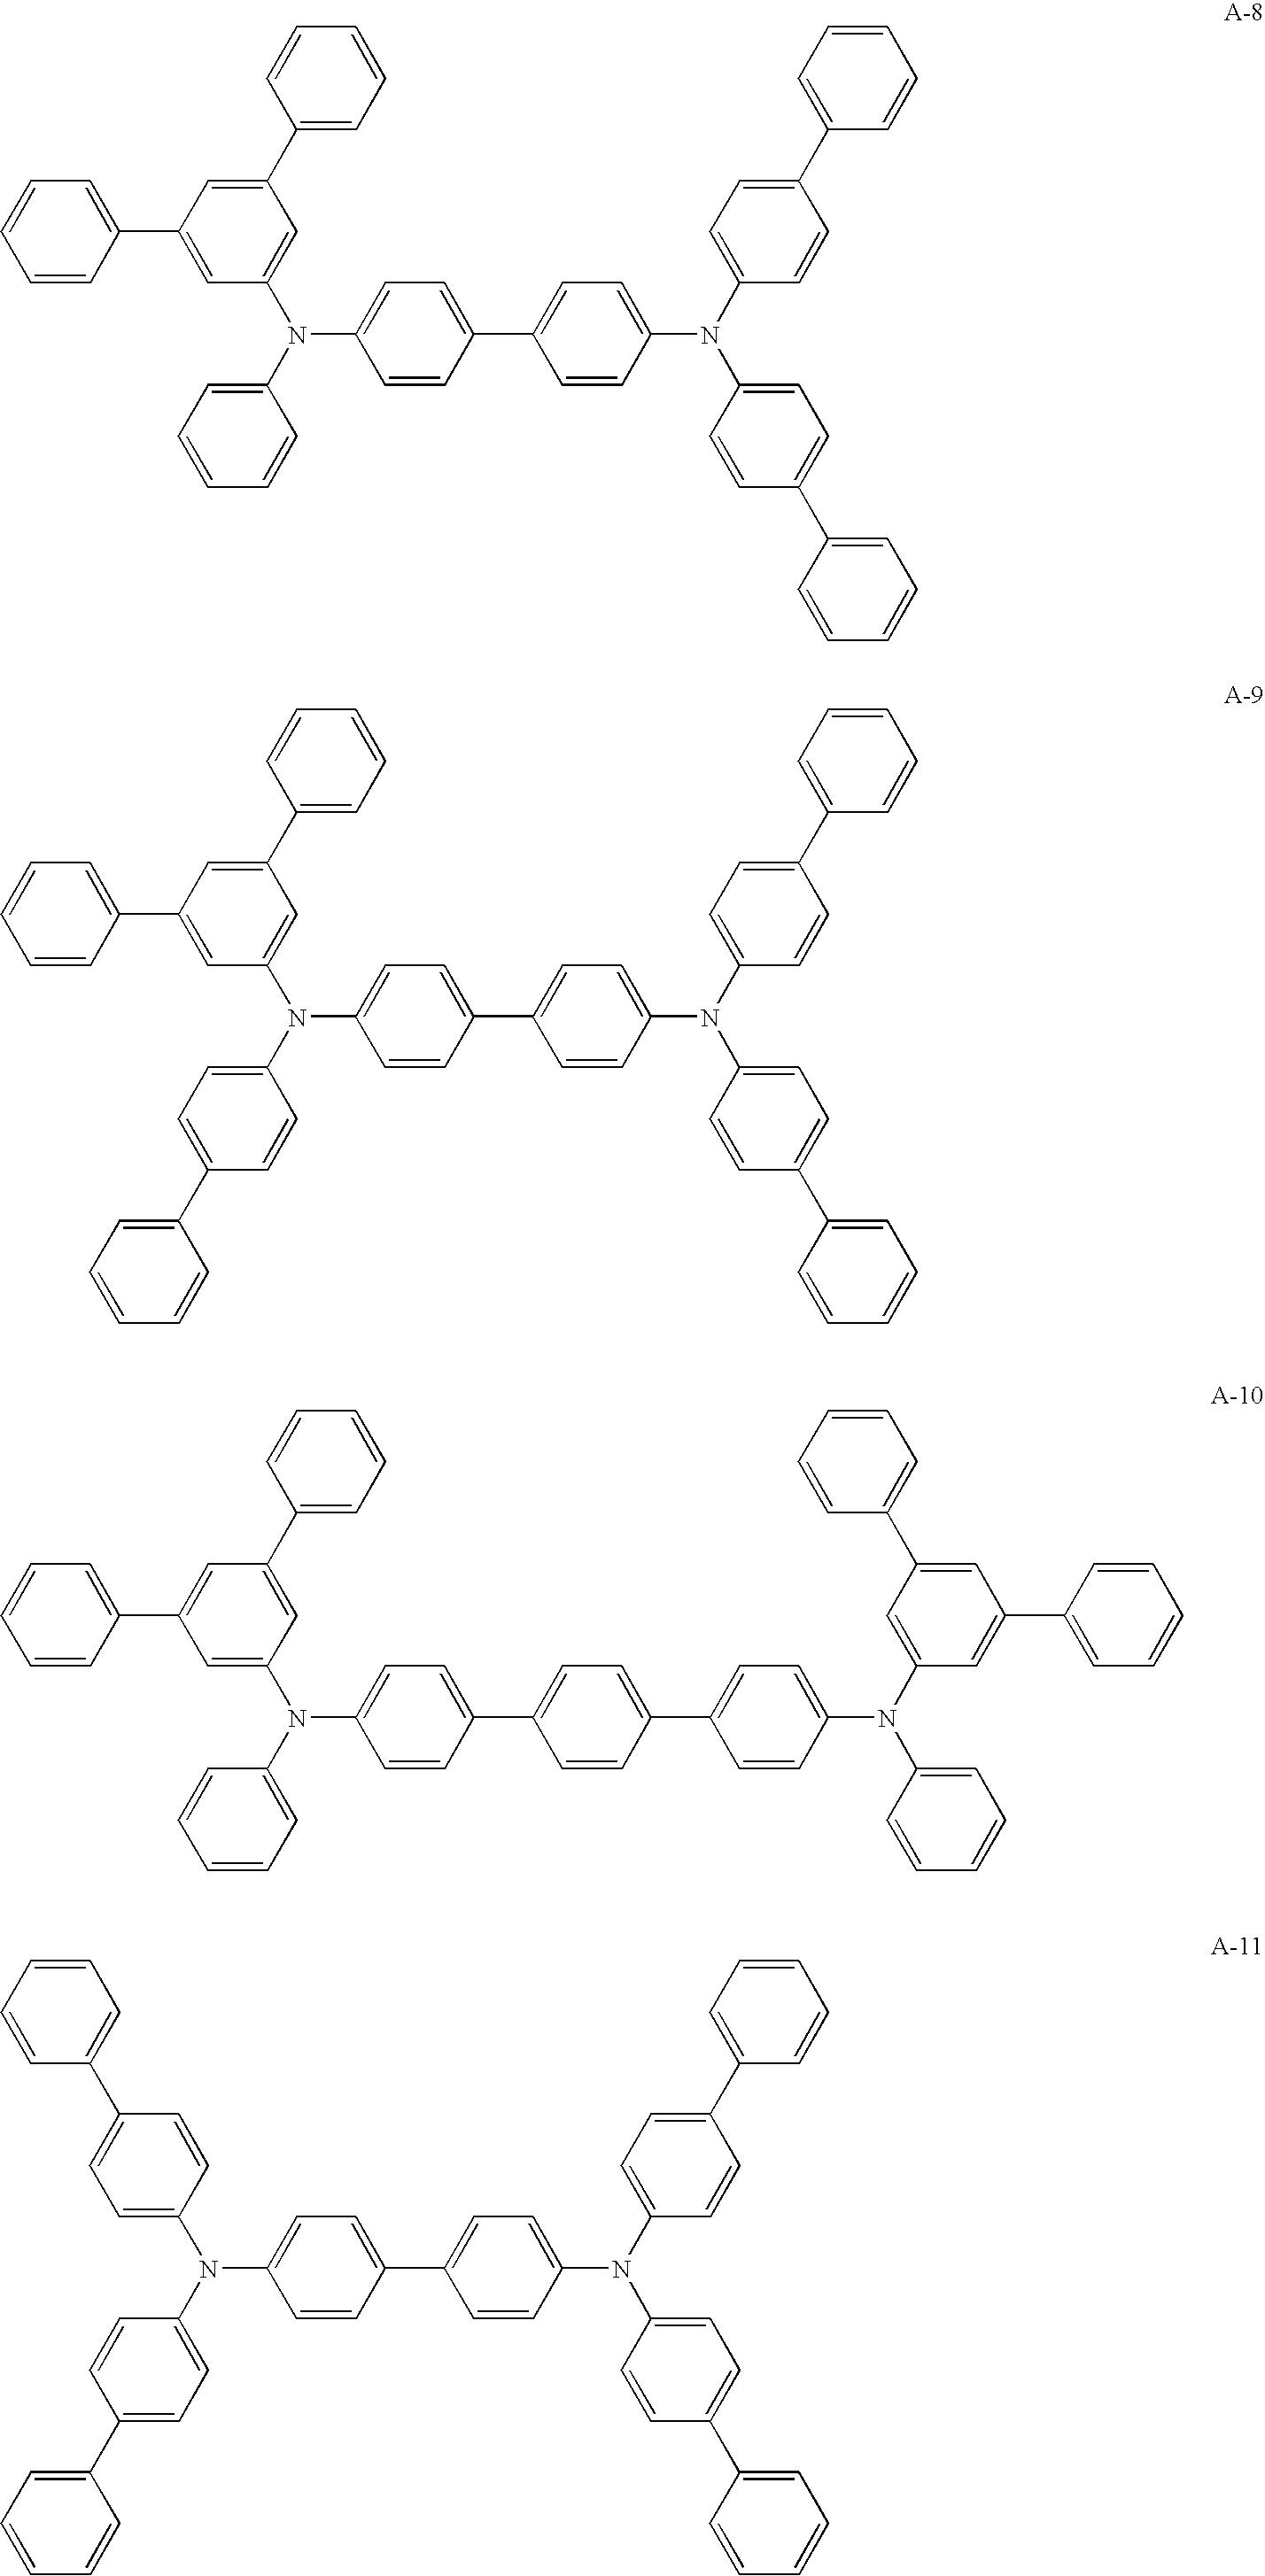 Figure US20080049413A1-20080228-C00010